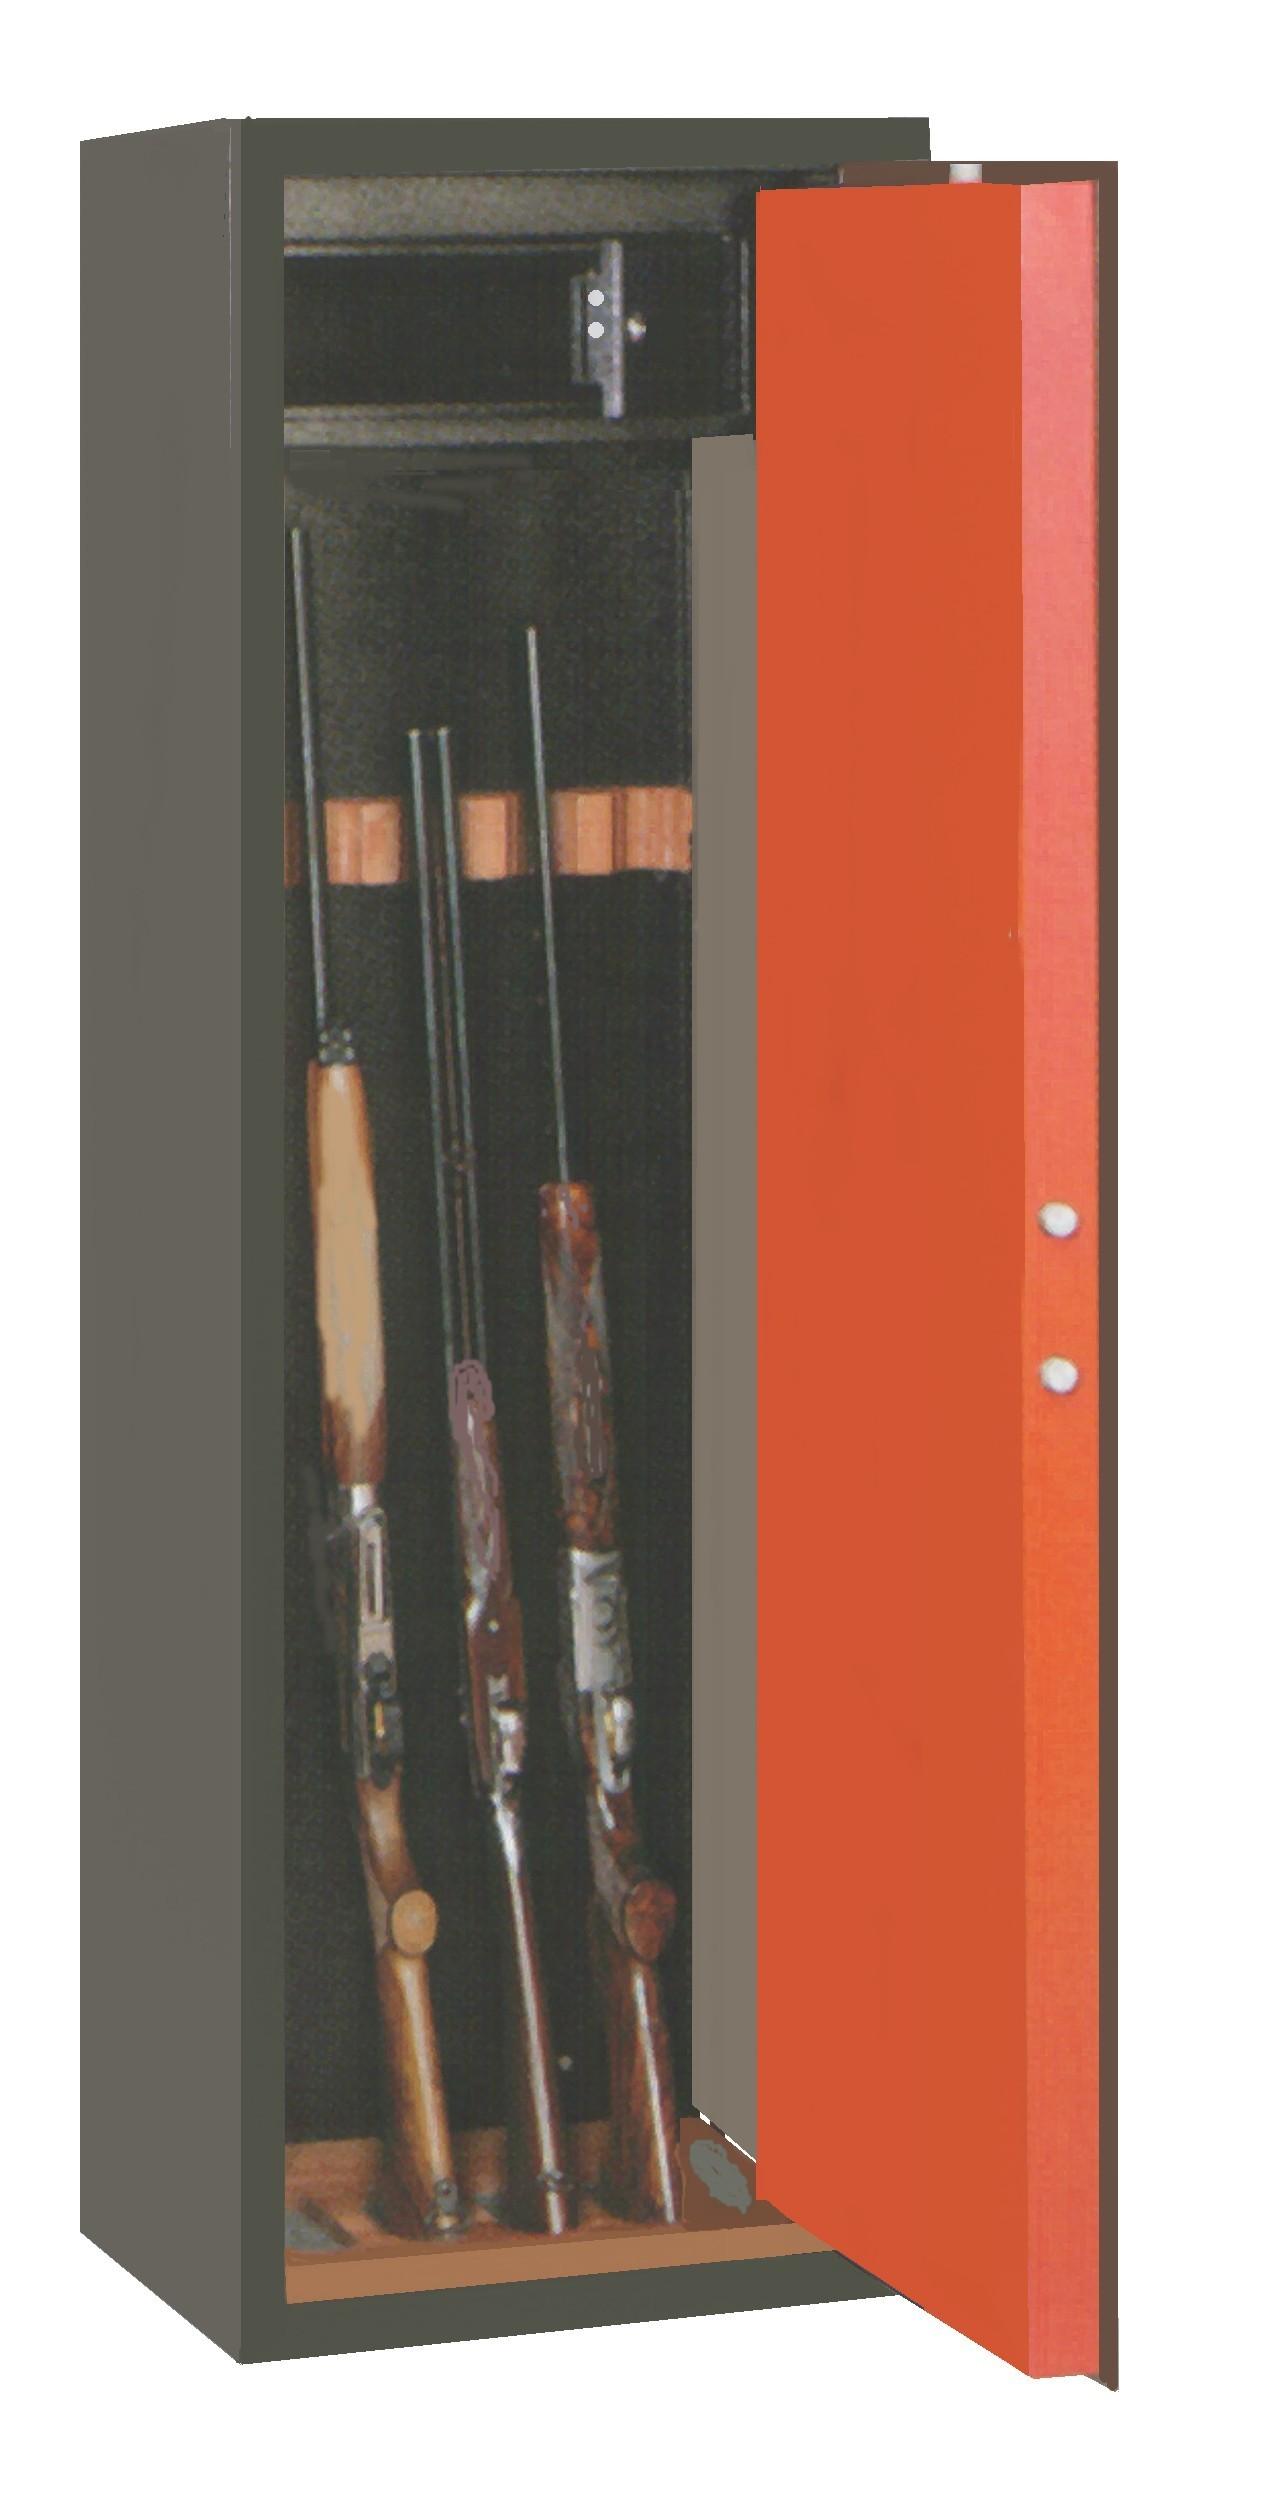 armoire-fusils-LyonCoffres-3